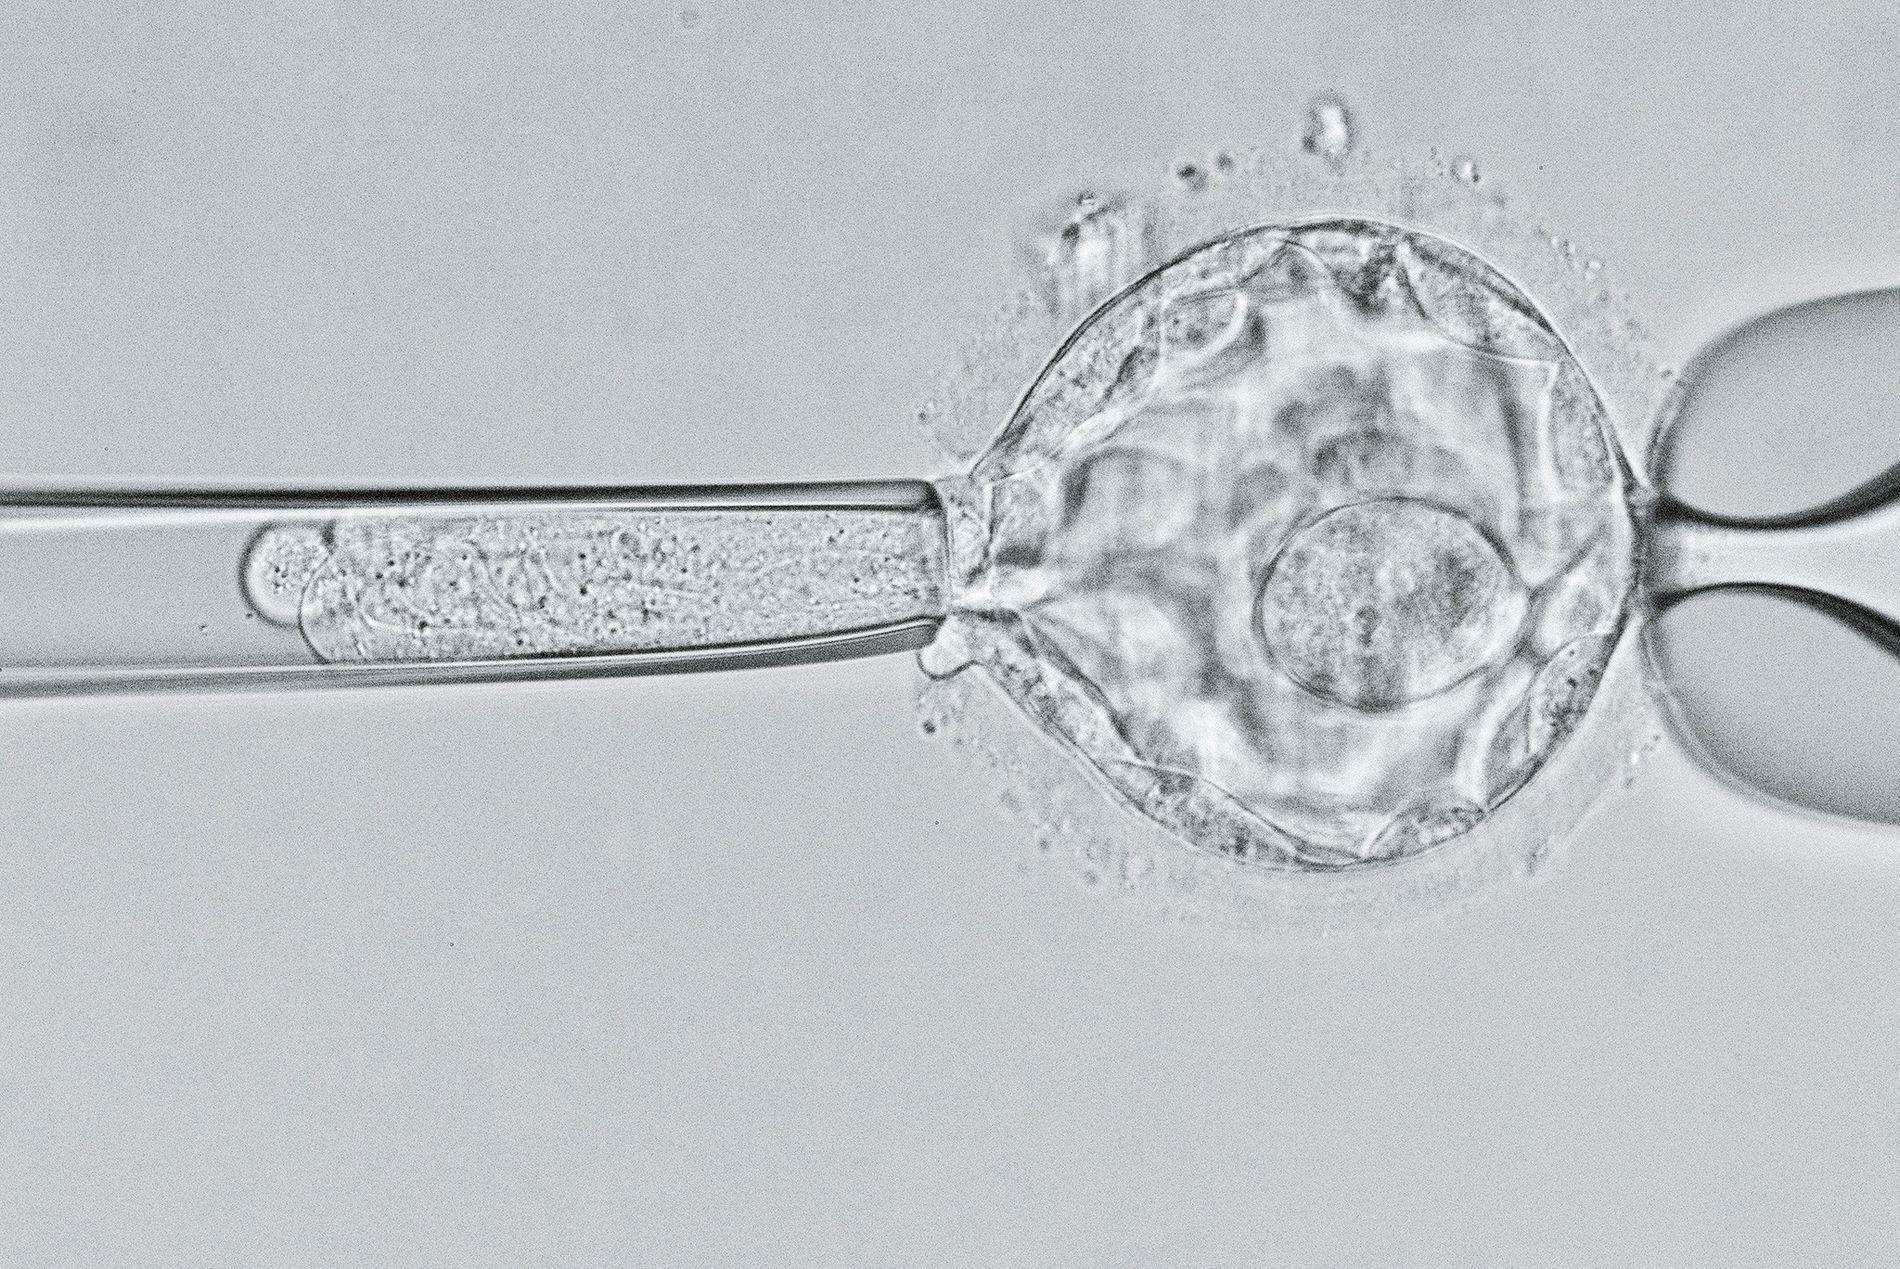 Primeiros bebês com genes editados correm risco de morte prematura